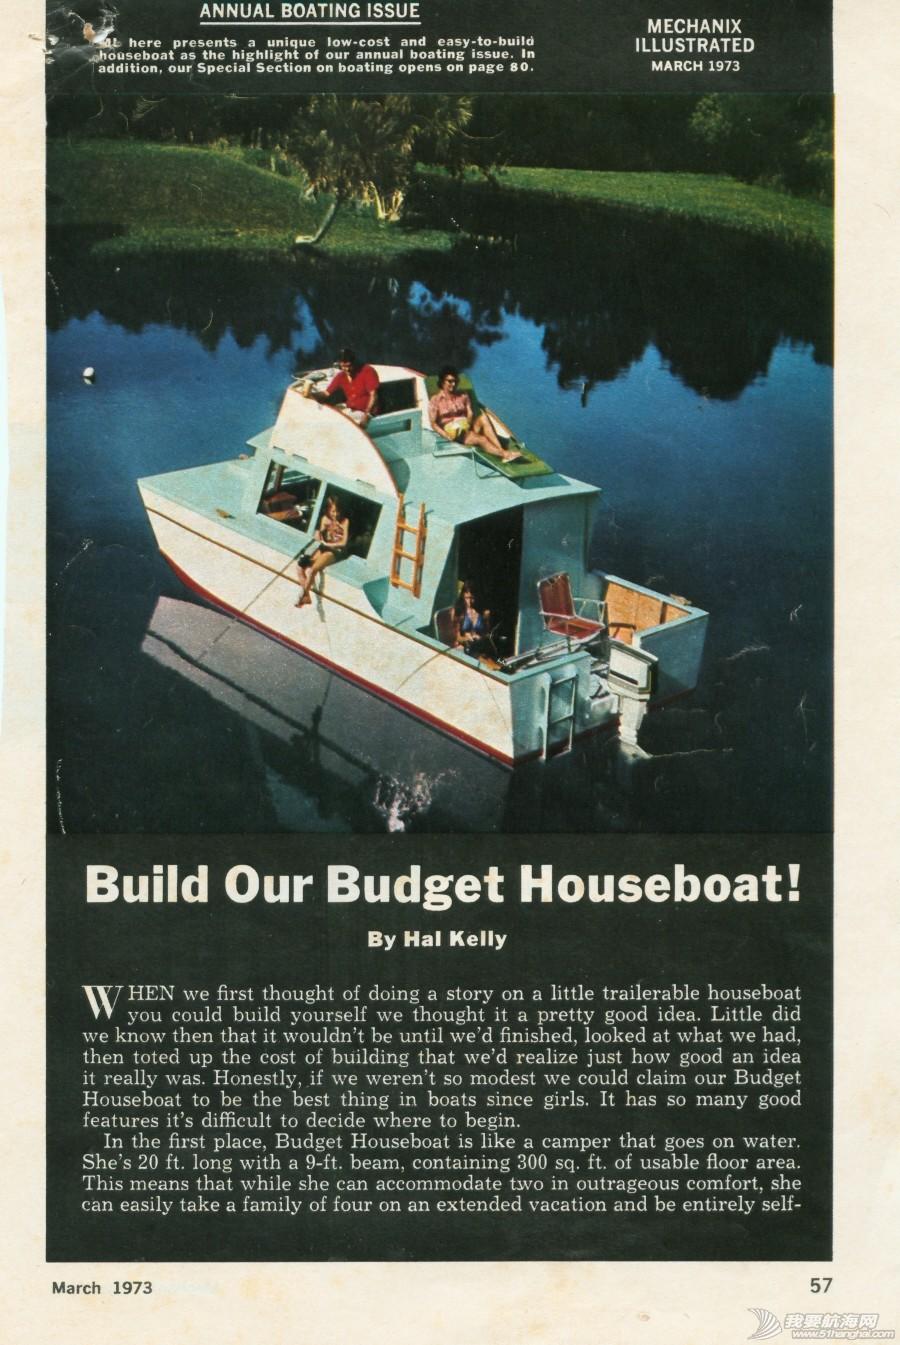 家庭游艇设计方案 boat1.jpg